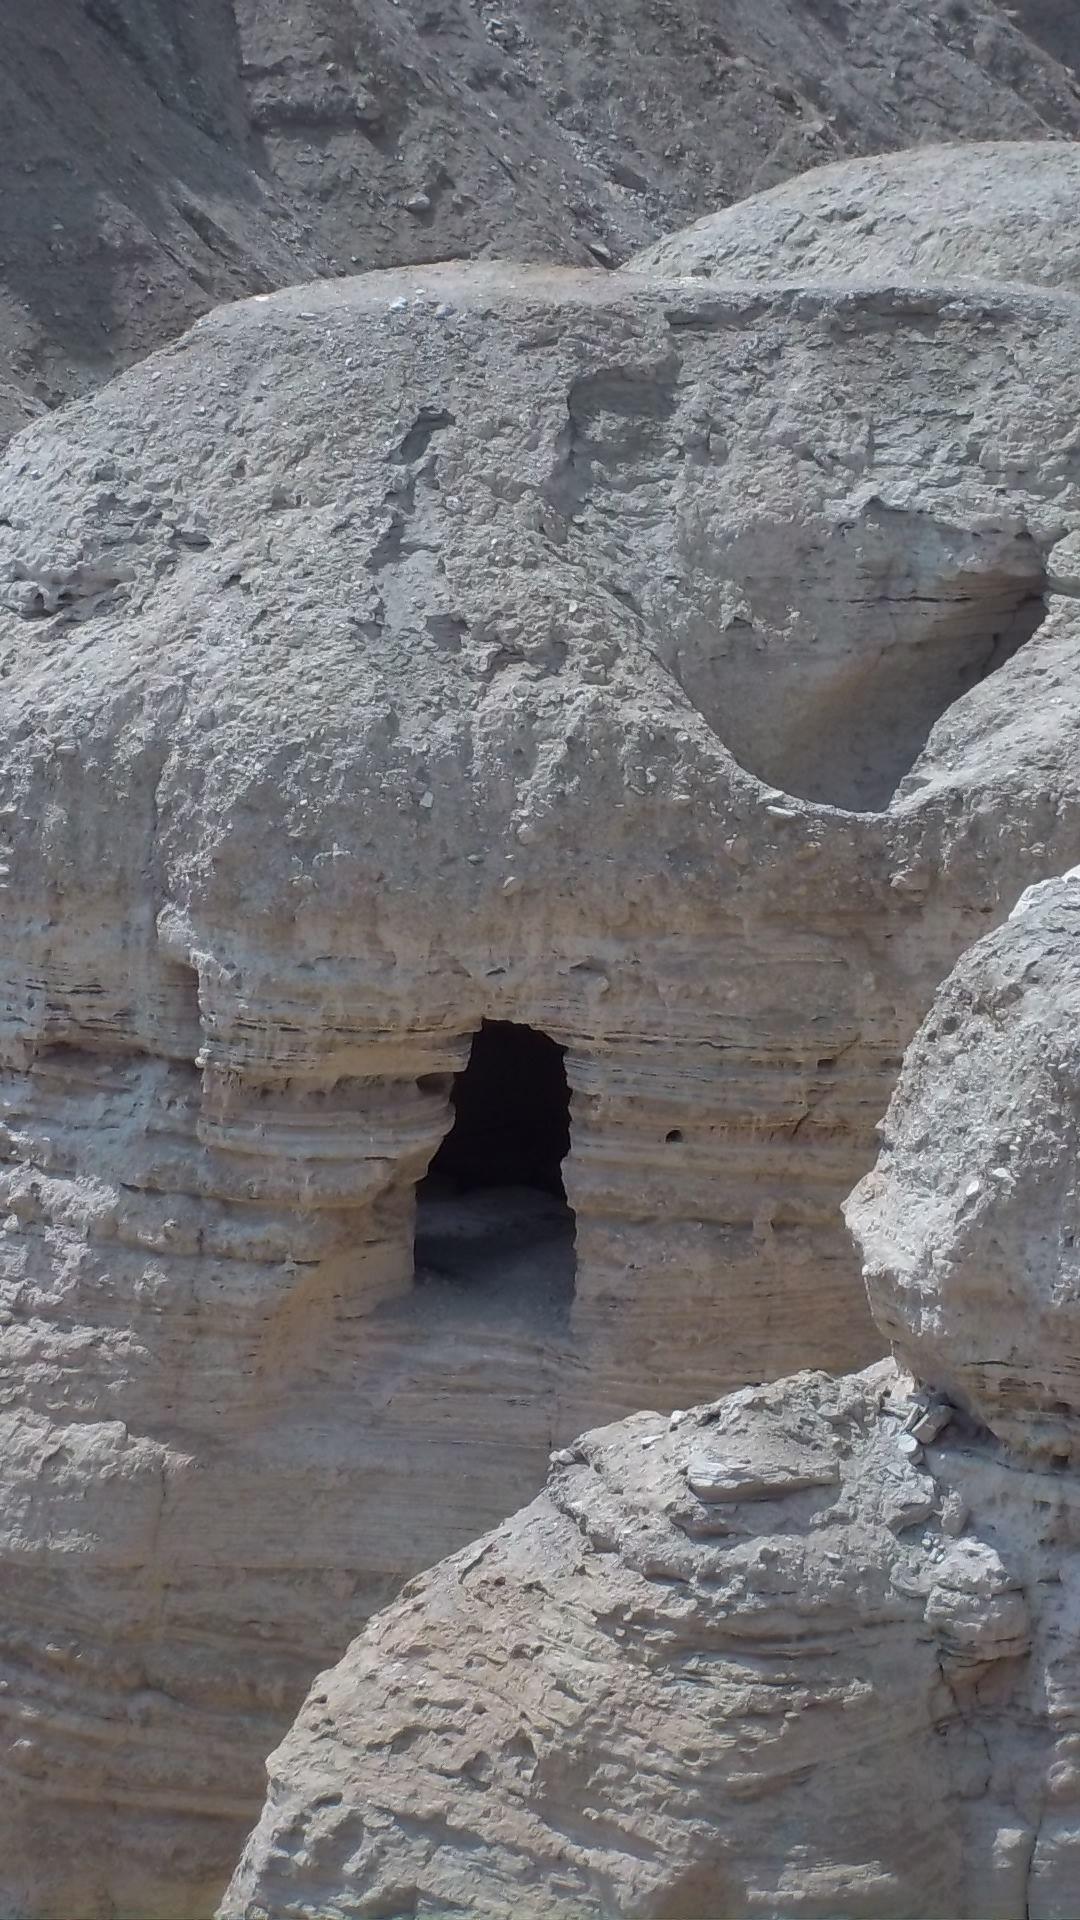 Una de las cuevas del Qumran, donde fueron descubiertos los Rollos del Mar Muerto. Israel.